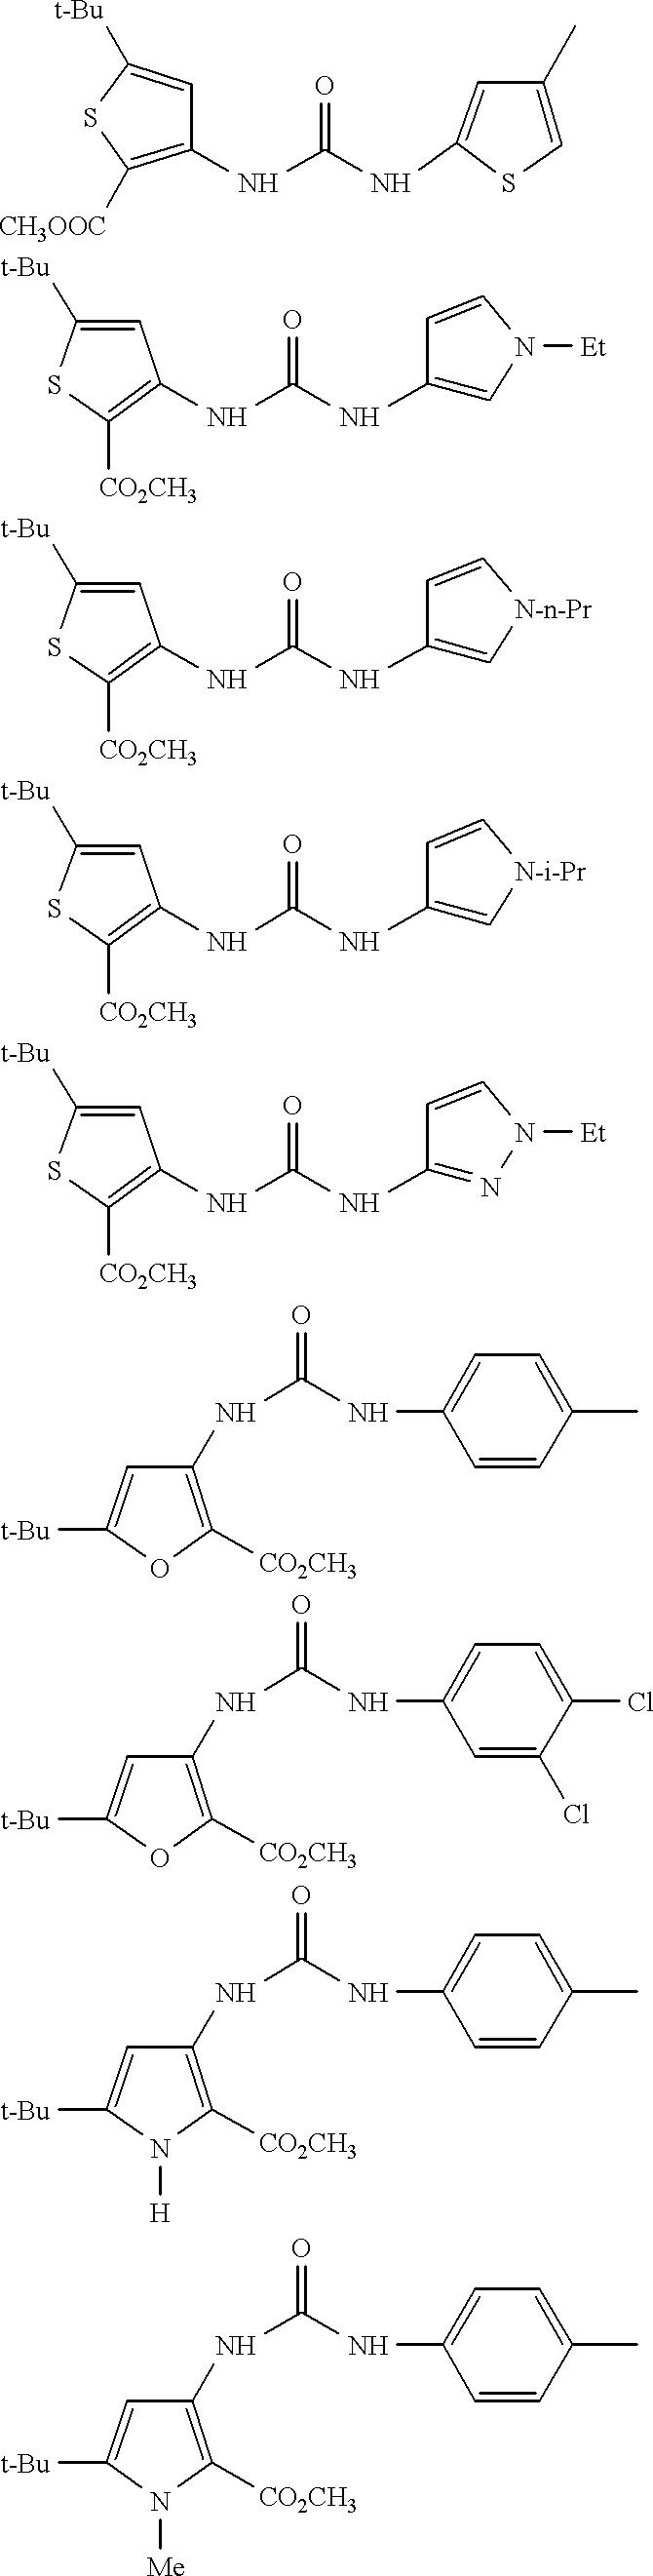 Figure US06187799-20010213-C00051